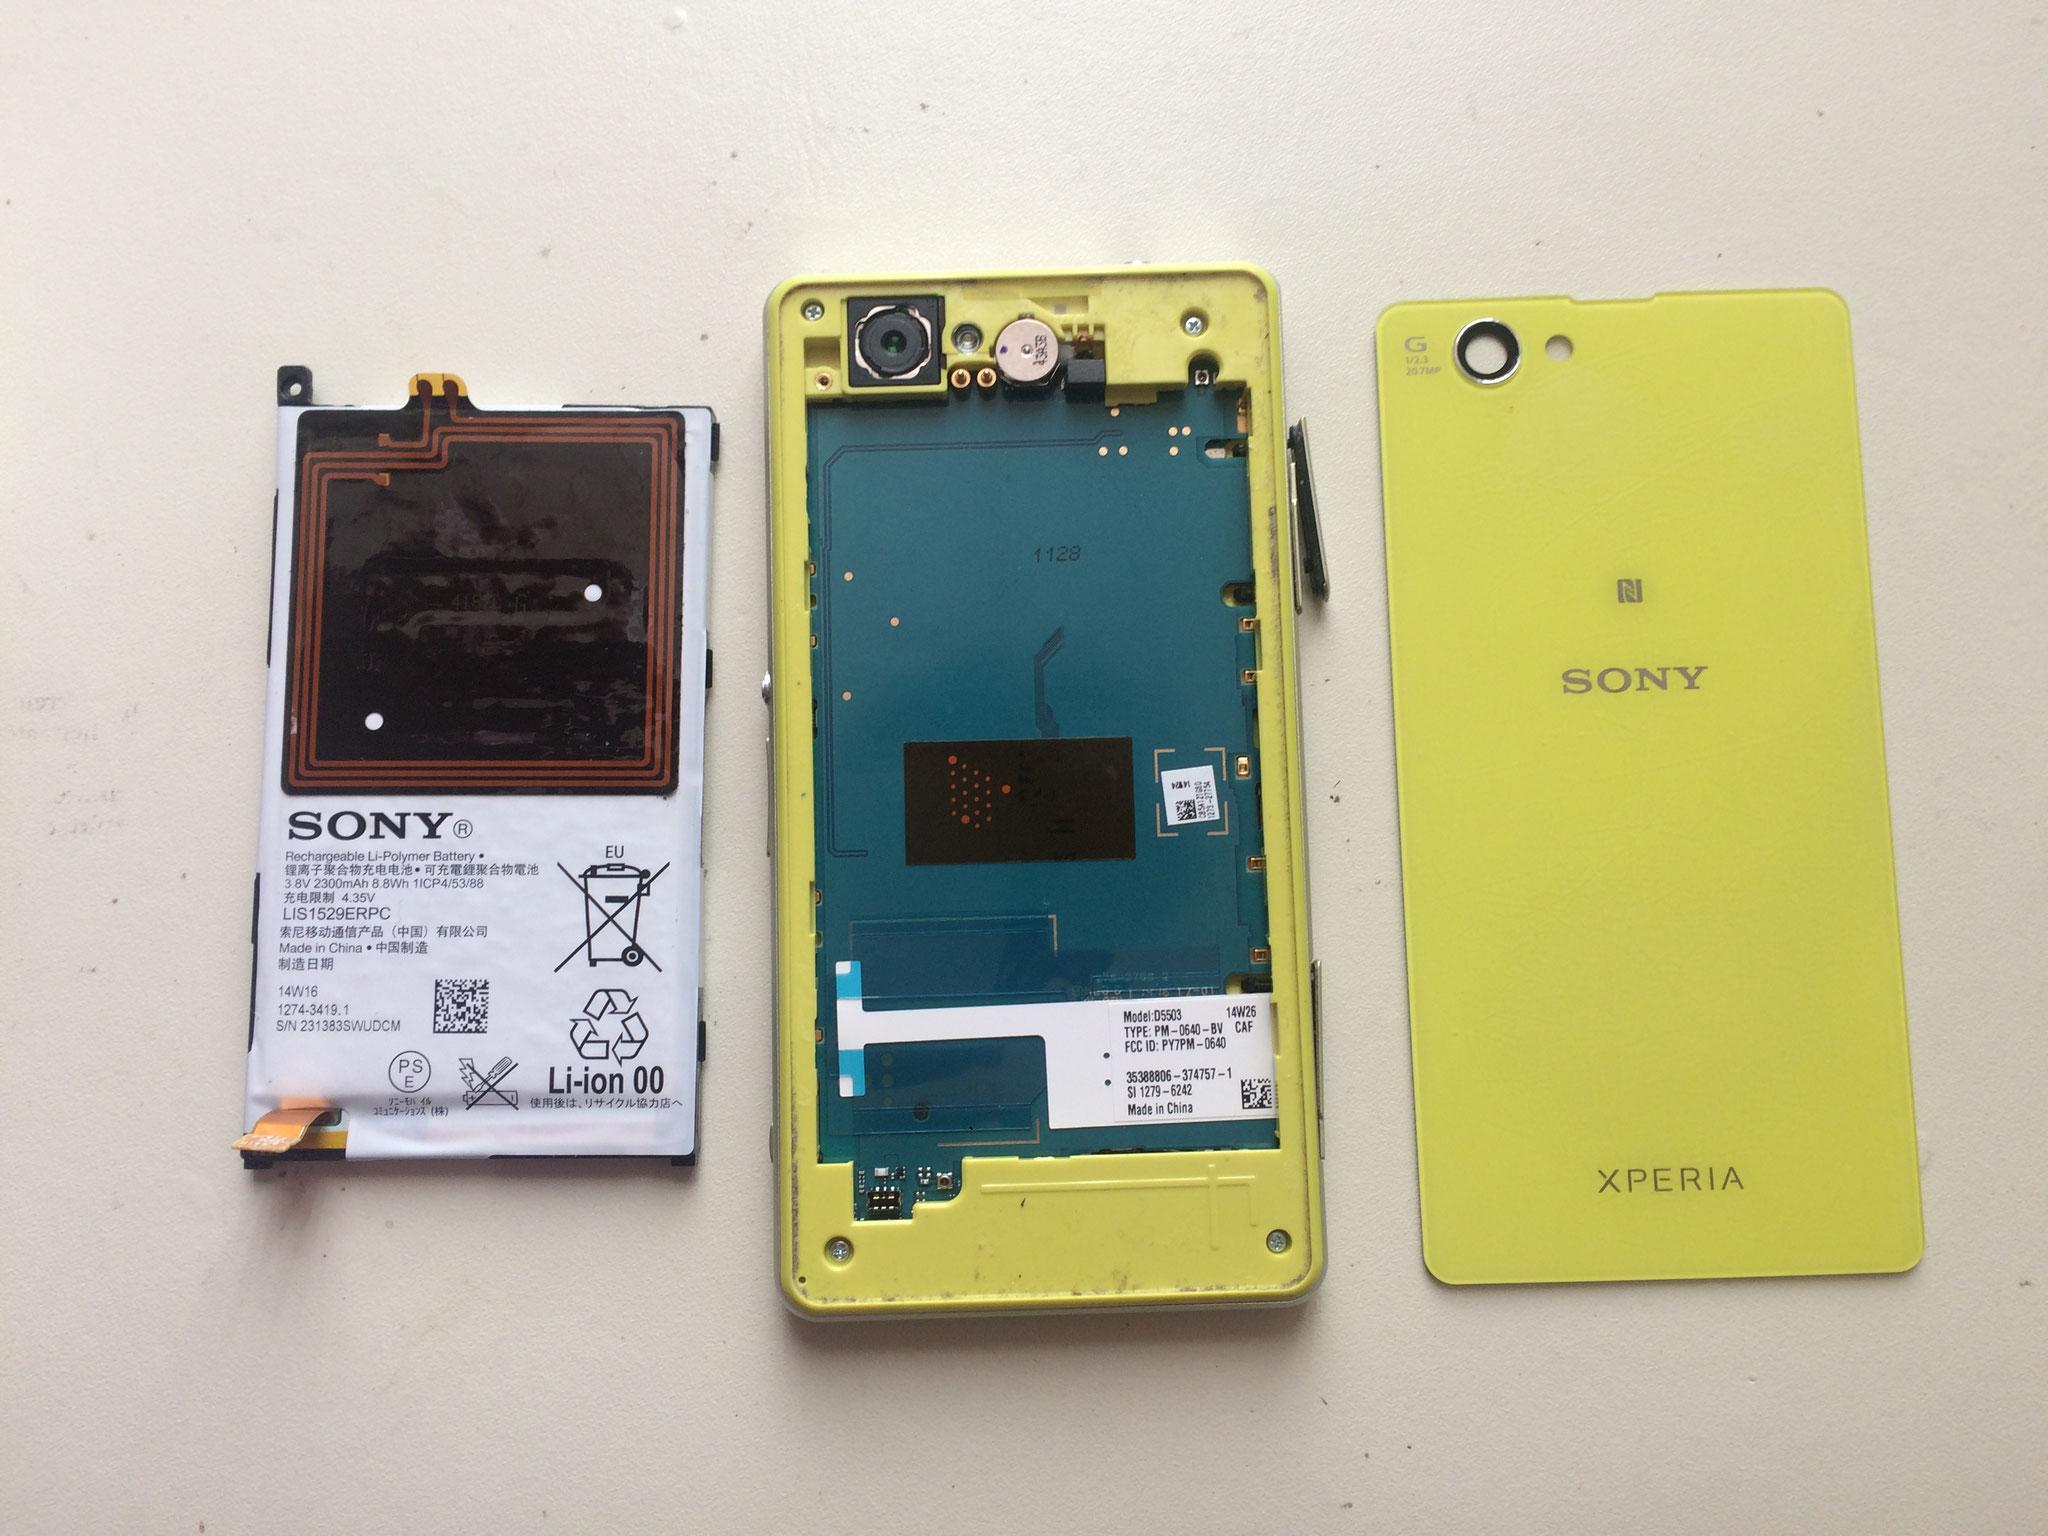 Nokia, Goodle, Samsung, Apple oder wie Sie alle heissen. Dr. Akku macht alle!